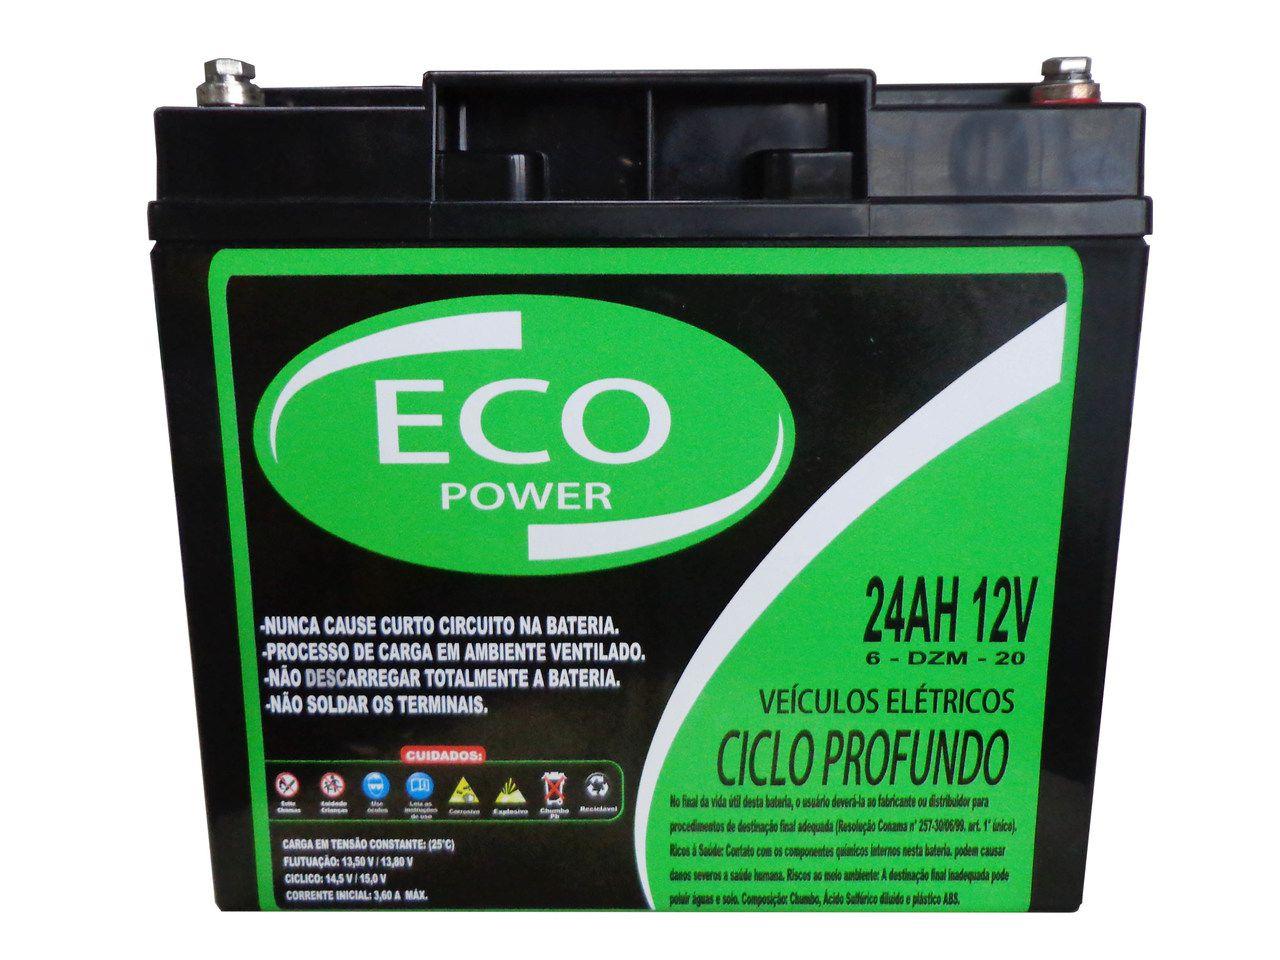 Bateria Eco Power Gel 12v 24ah Ciclo Profundo Bike Cadeira De Rodas Da Ortobras 6-dzm-20